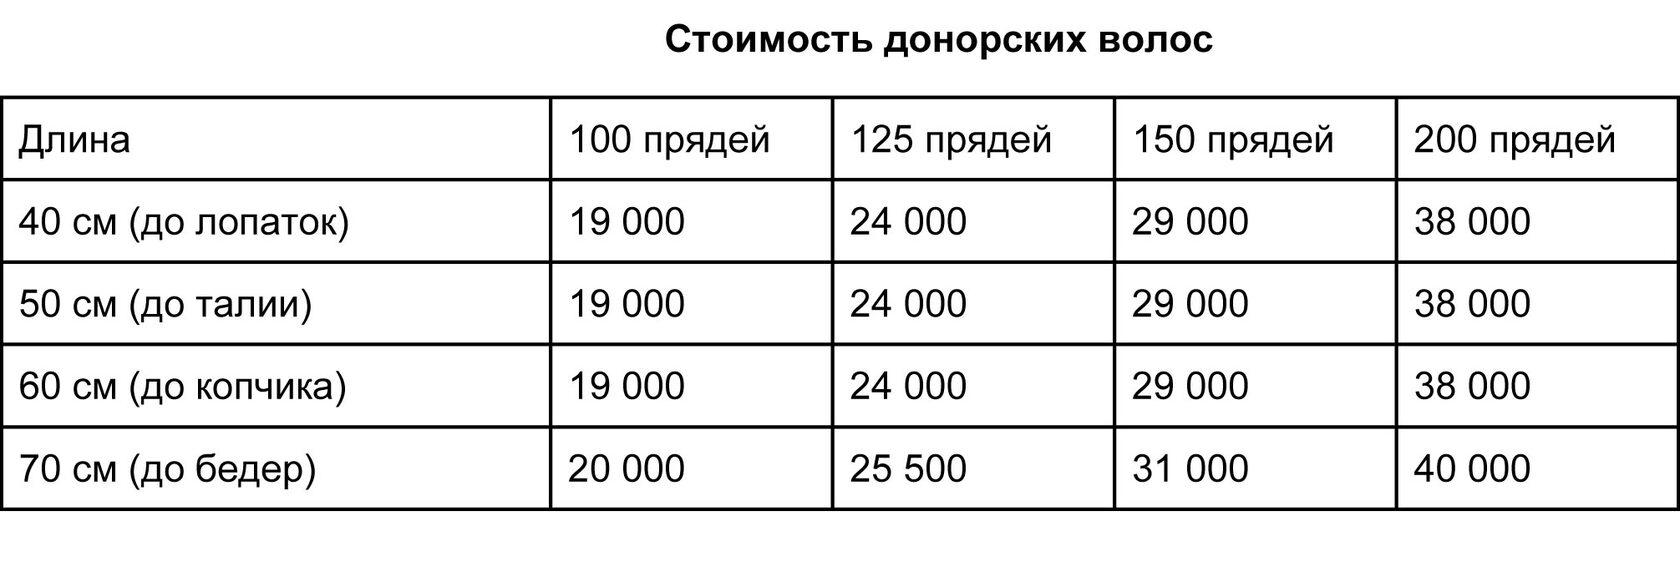 Стоимость донорских волос